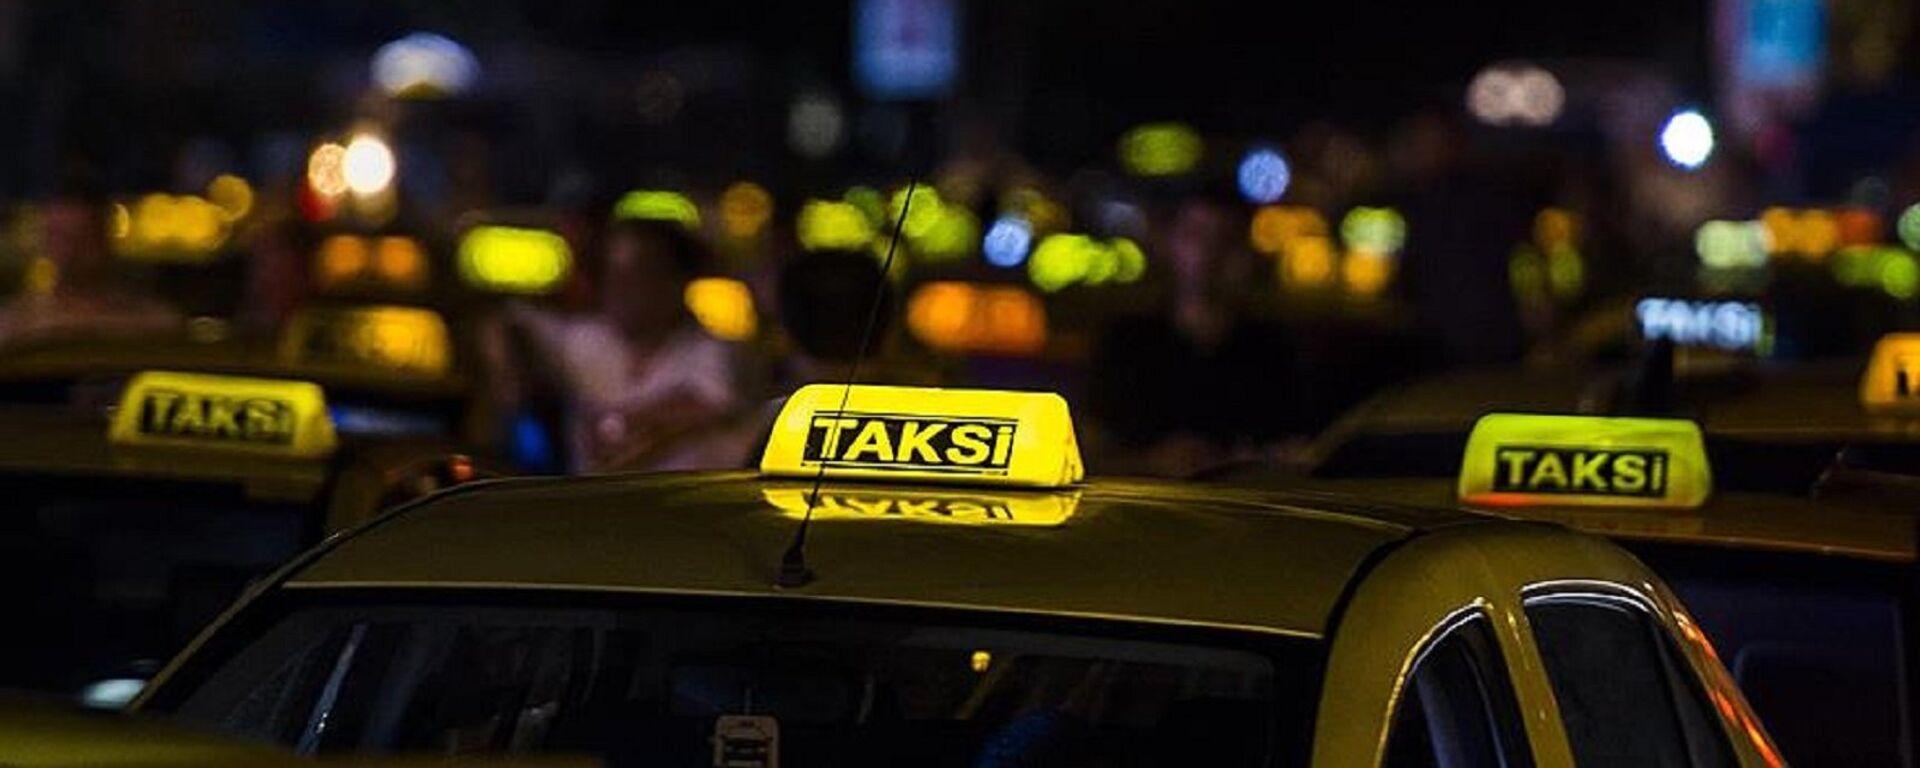 Taksi - Sputnik Türkiye, 1920, 07.03.2018